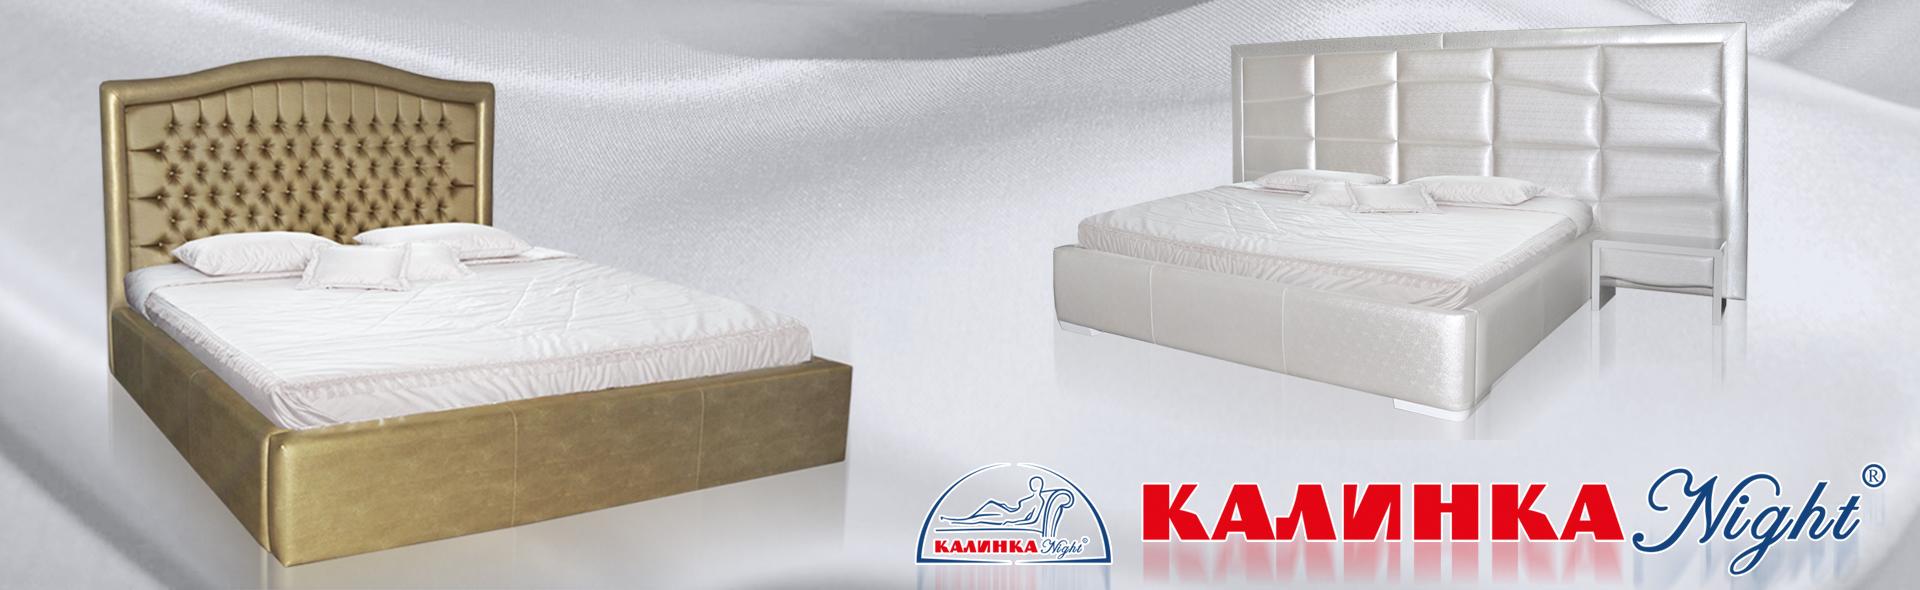 Новые кровати в коллекции «Калинка Night»